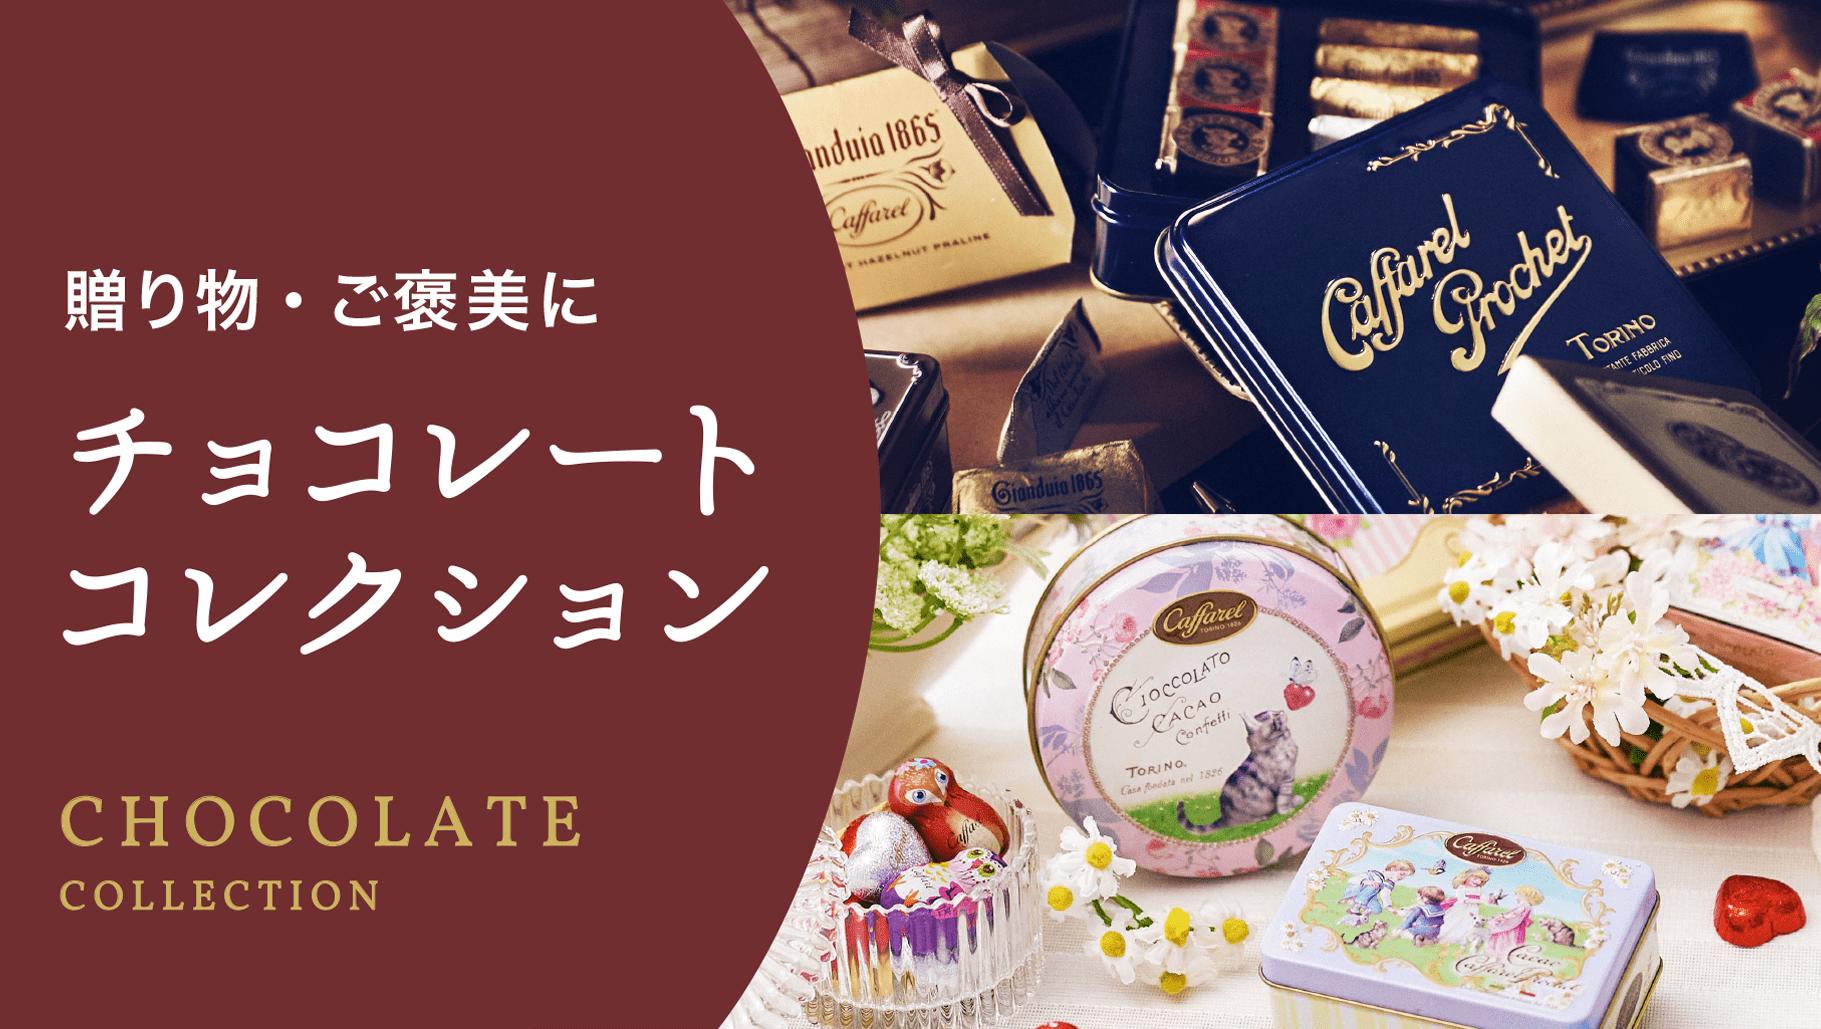 2019大人のチョコレートギフトコレクション